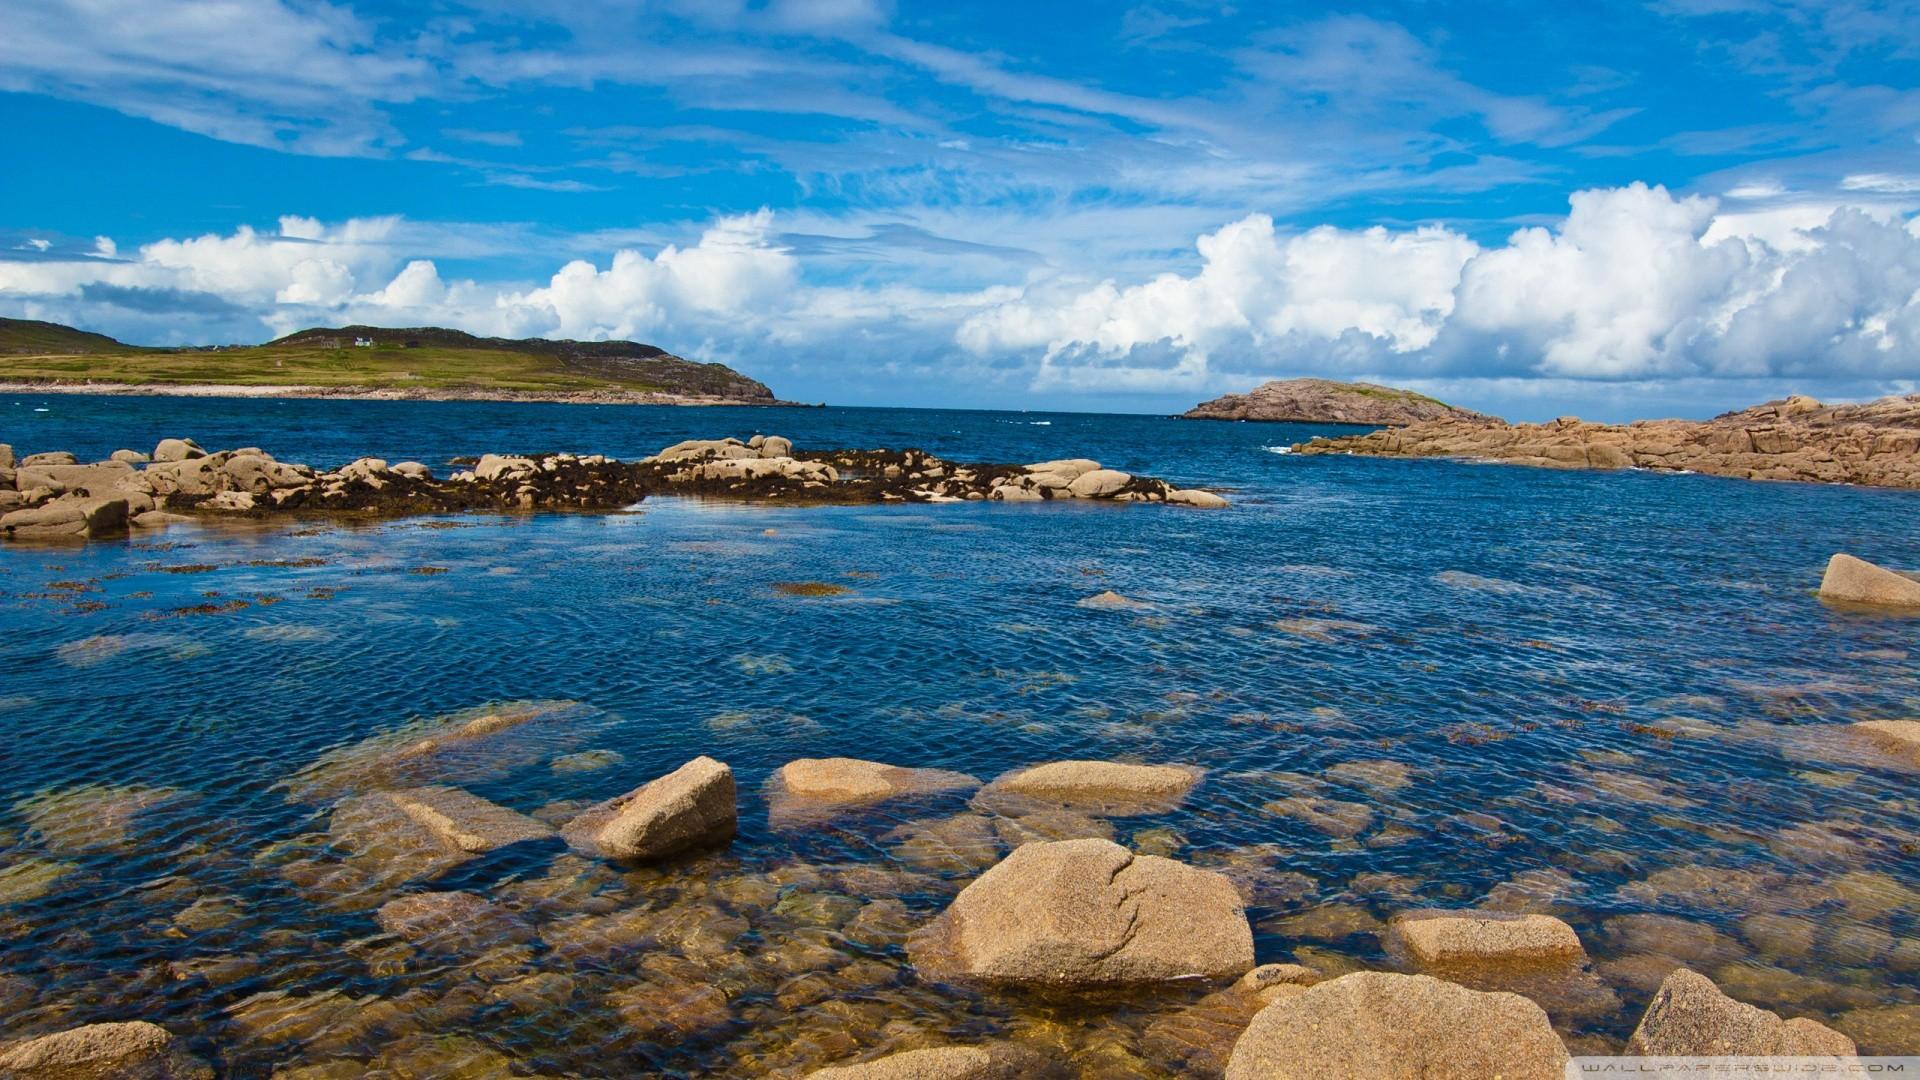 Ocean landscapes nature coast hills rocks sea wallpaper